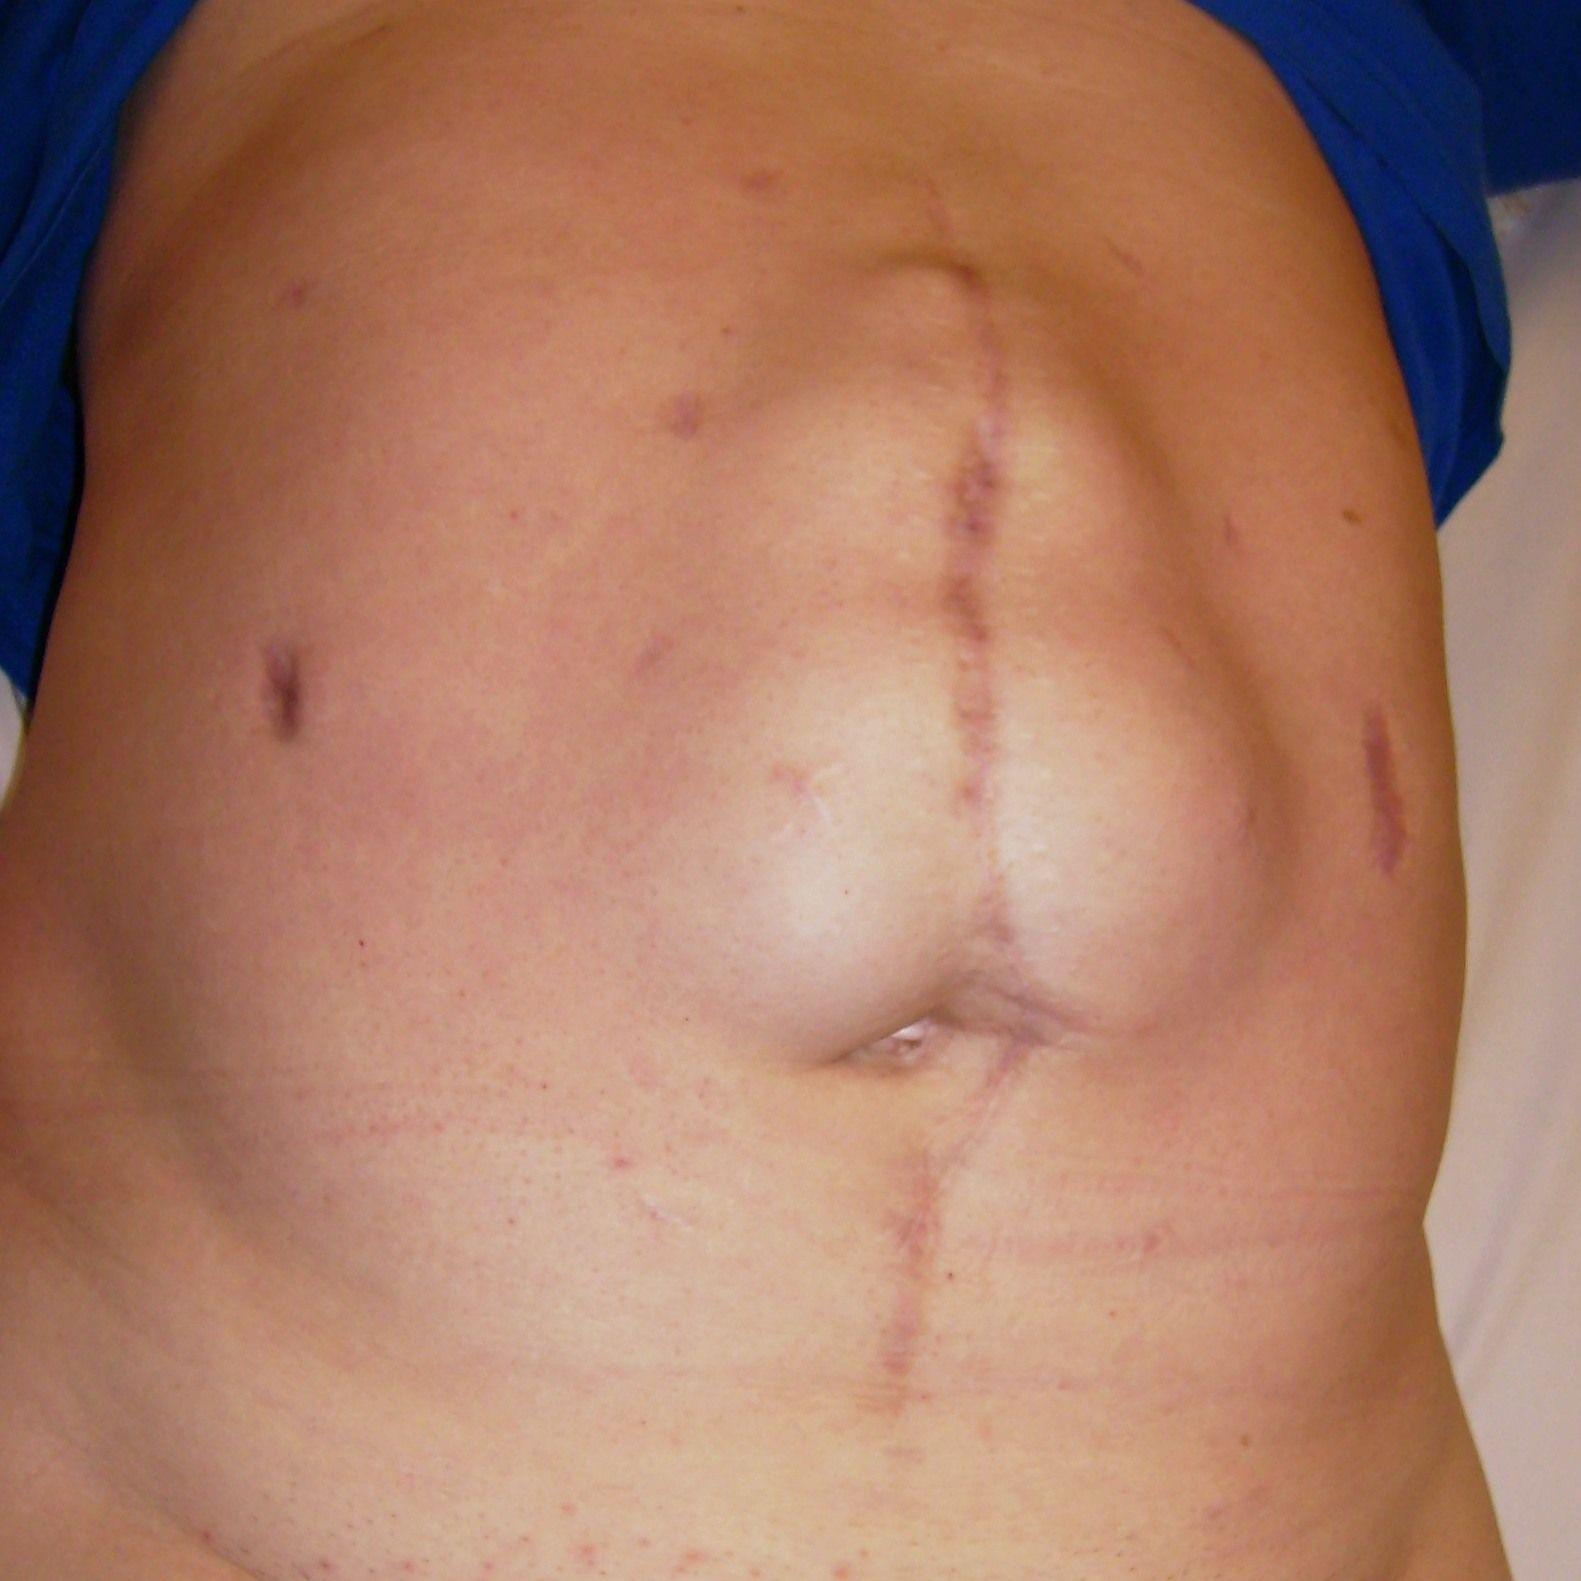 что можно есть после операции грыжи на животе